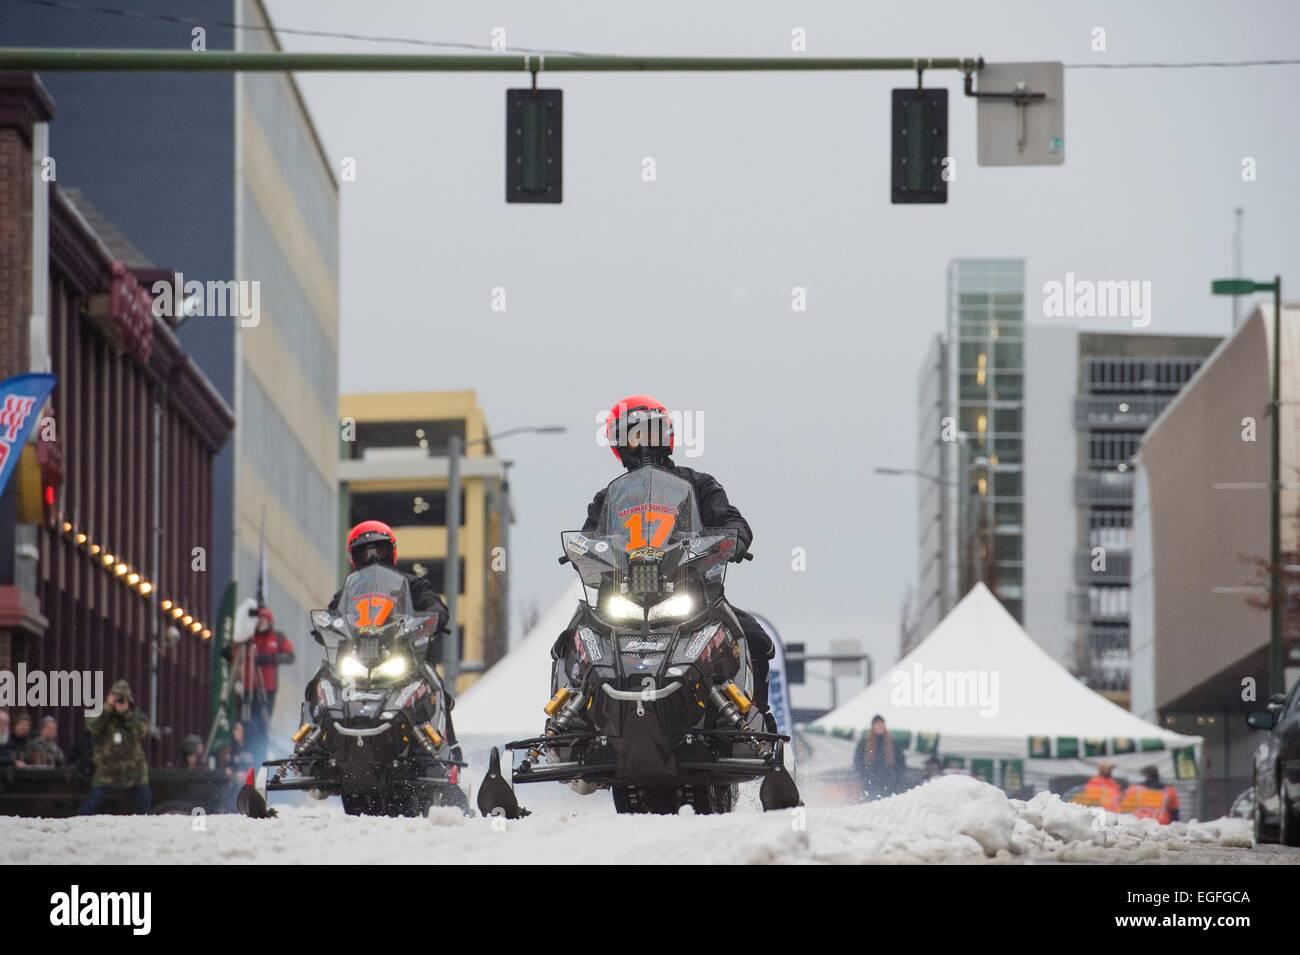 Konkurrenten zu Beginn der 2.000 Meilen Eisen Hund Rennen 21. Februar 2015 in Anchorage, Alaska. Der Eisen-Hund Stockbild